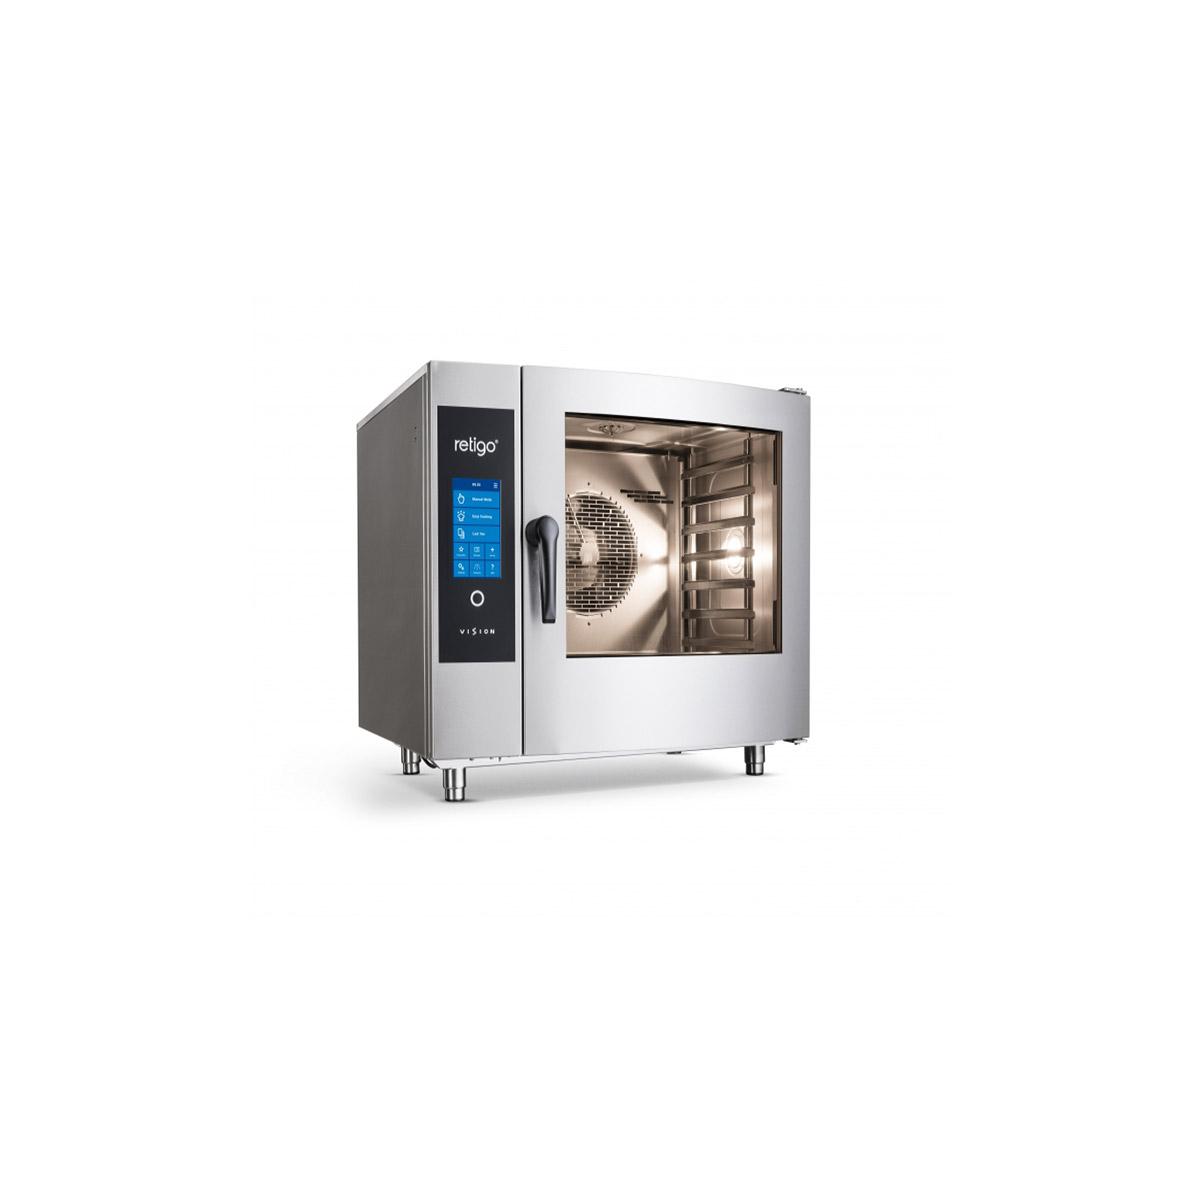 Retigo Blue Vision 6x Grid Combination Oven B611ig